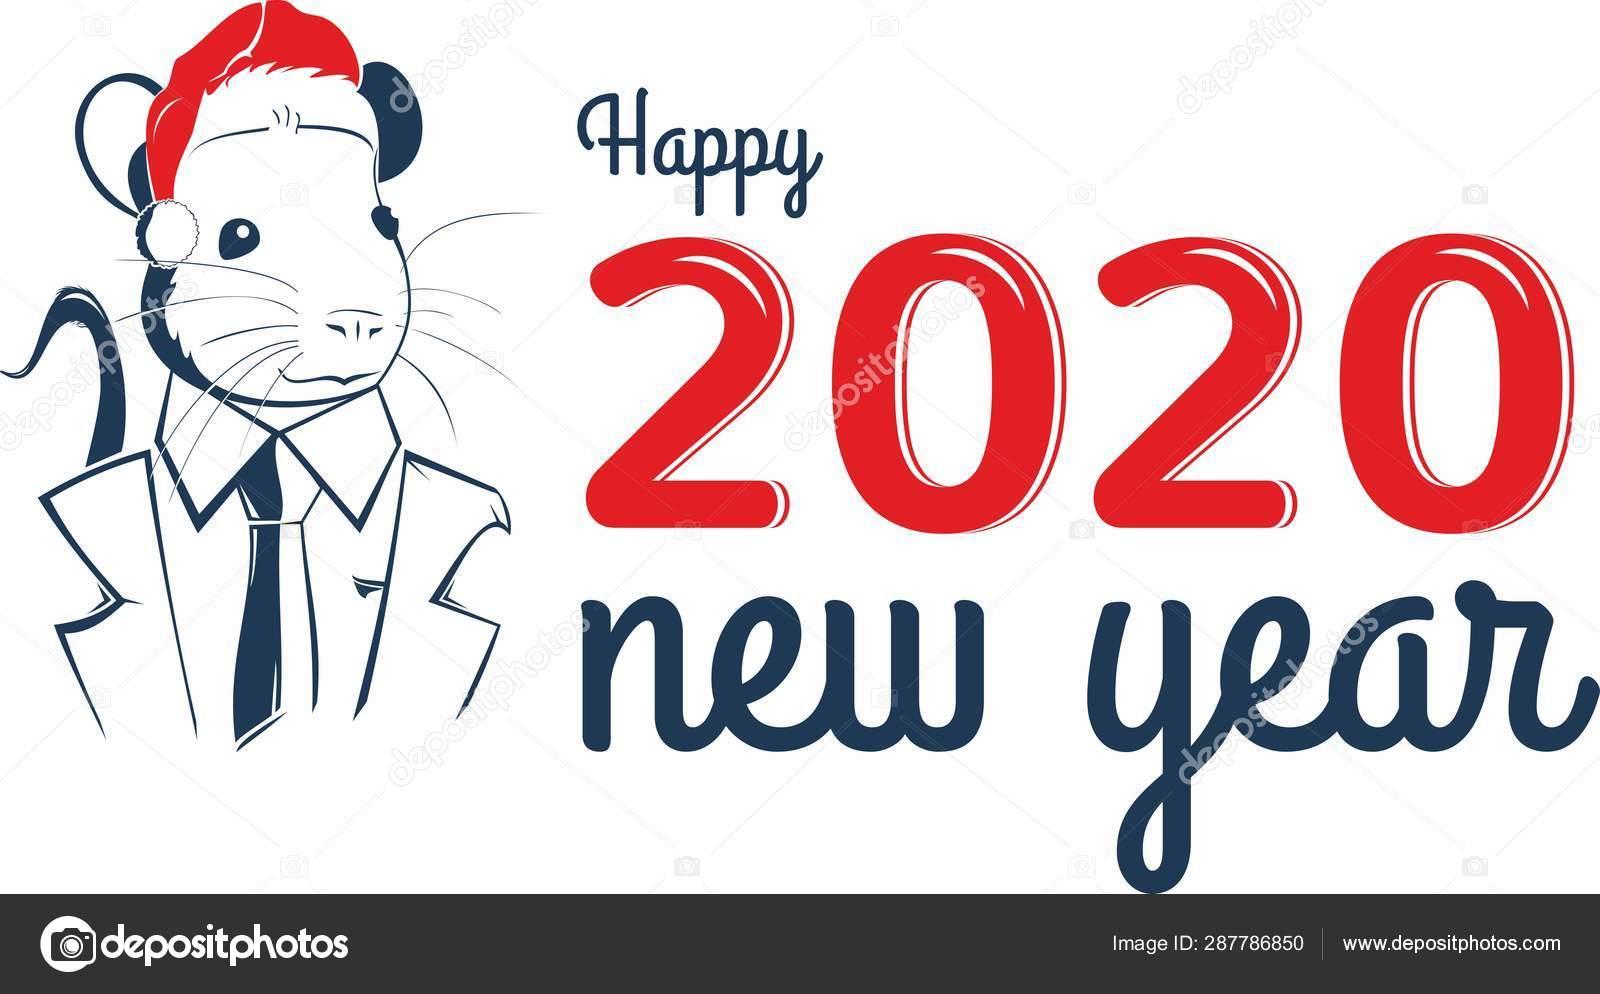 中國生肖標志鼠年。中國農歷新年2020年鼠年. — 圖庫矢量圖像© lavr123rf #287786850